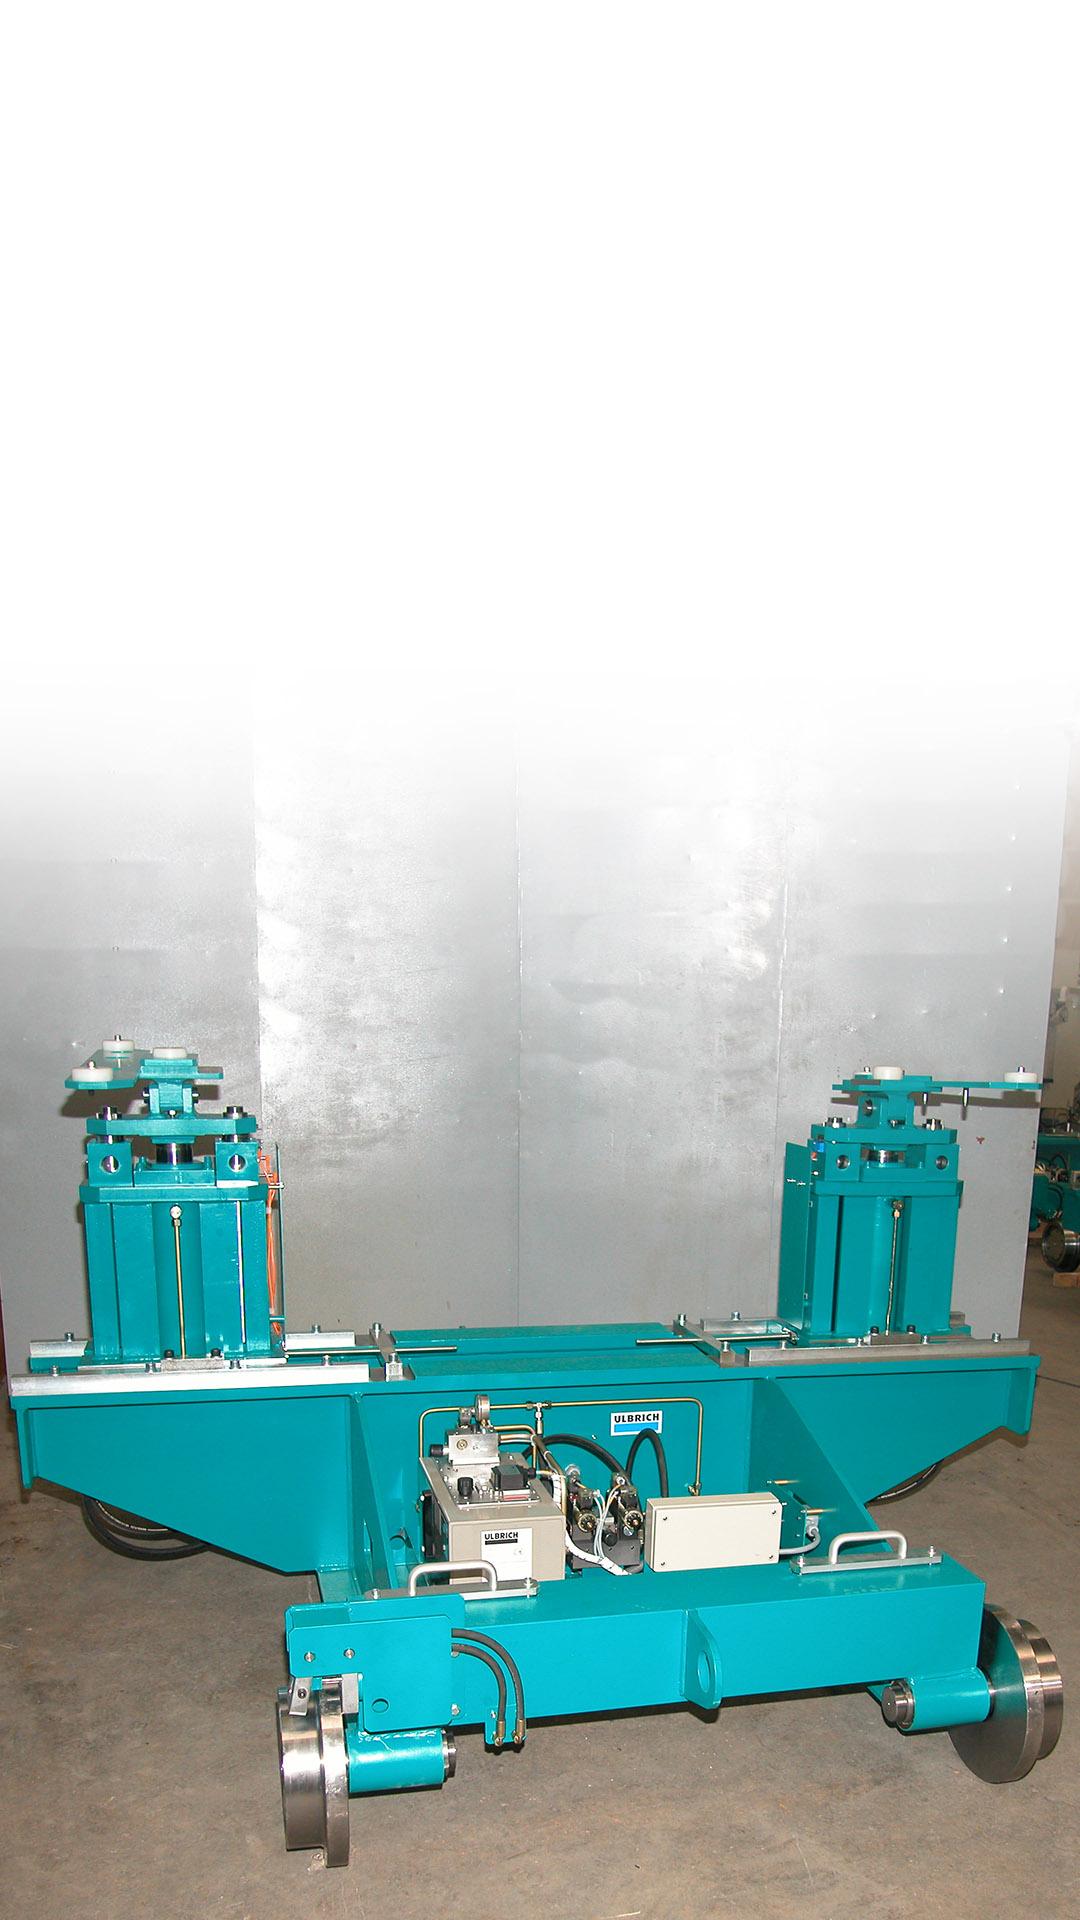 ulbrich-maschinenbau-eckkraftmess-hebeanlage